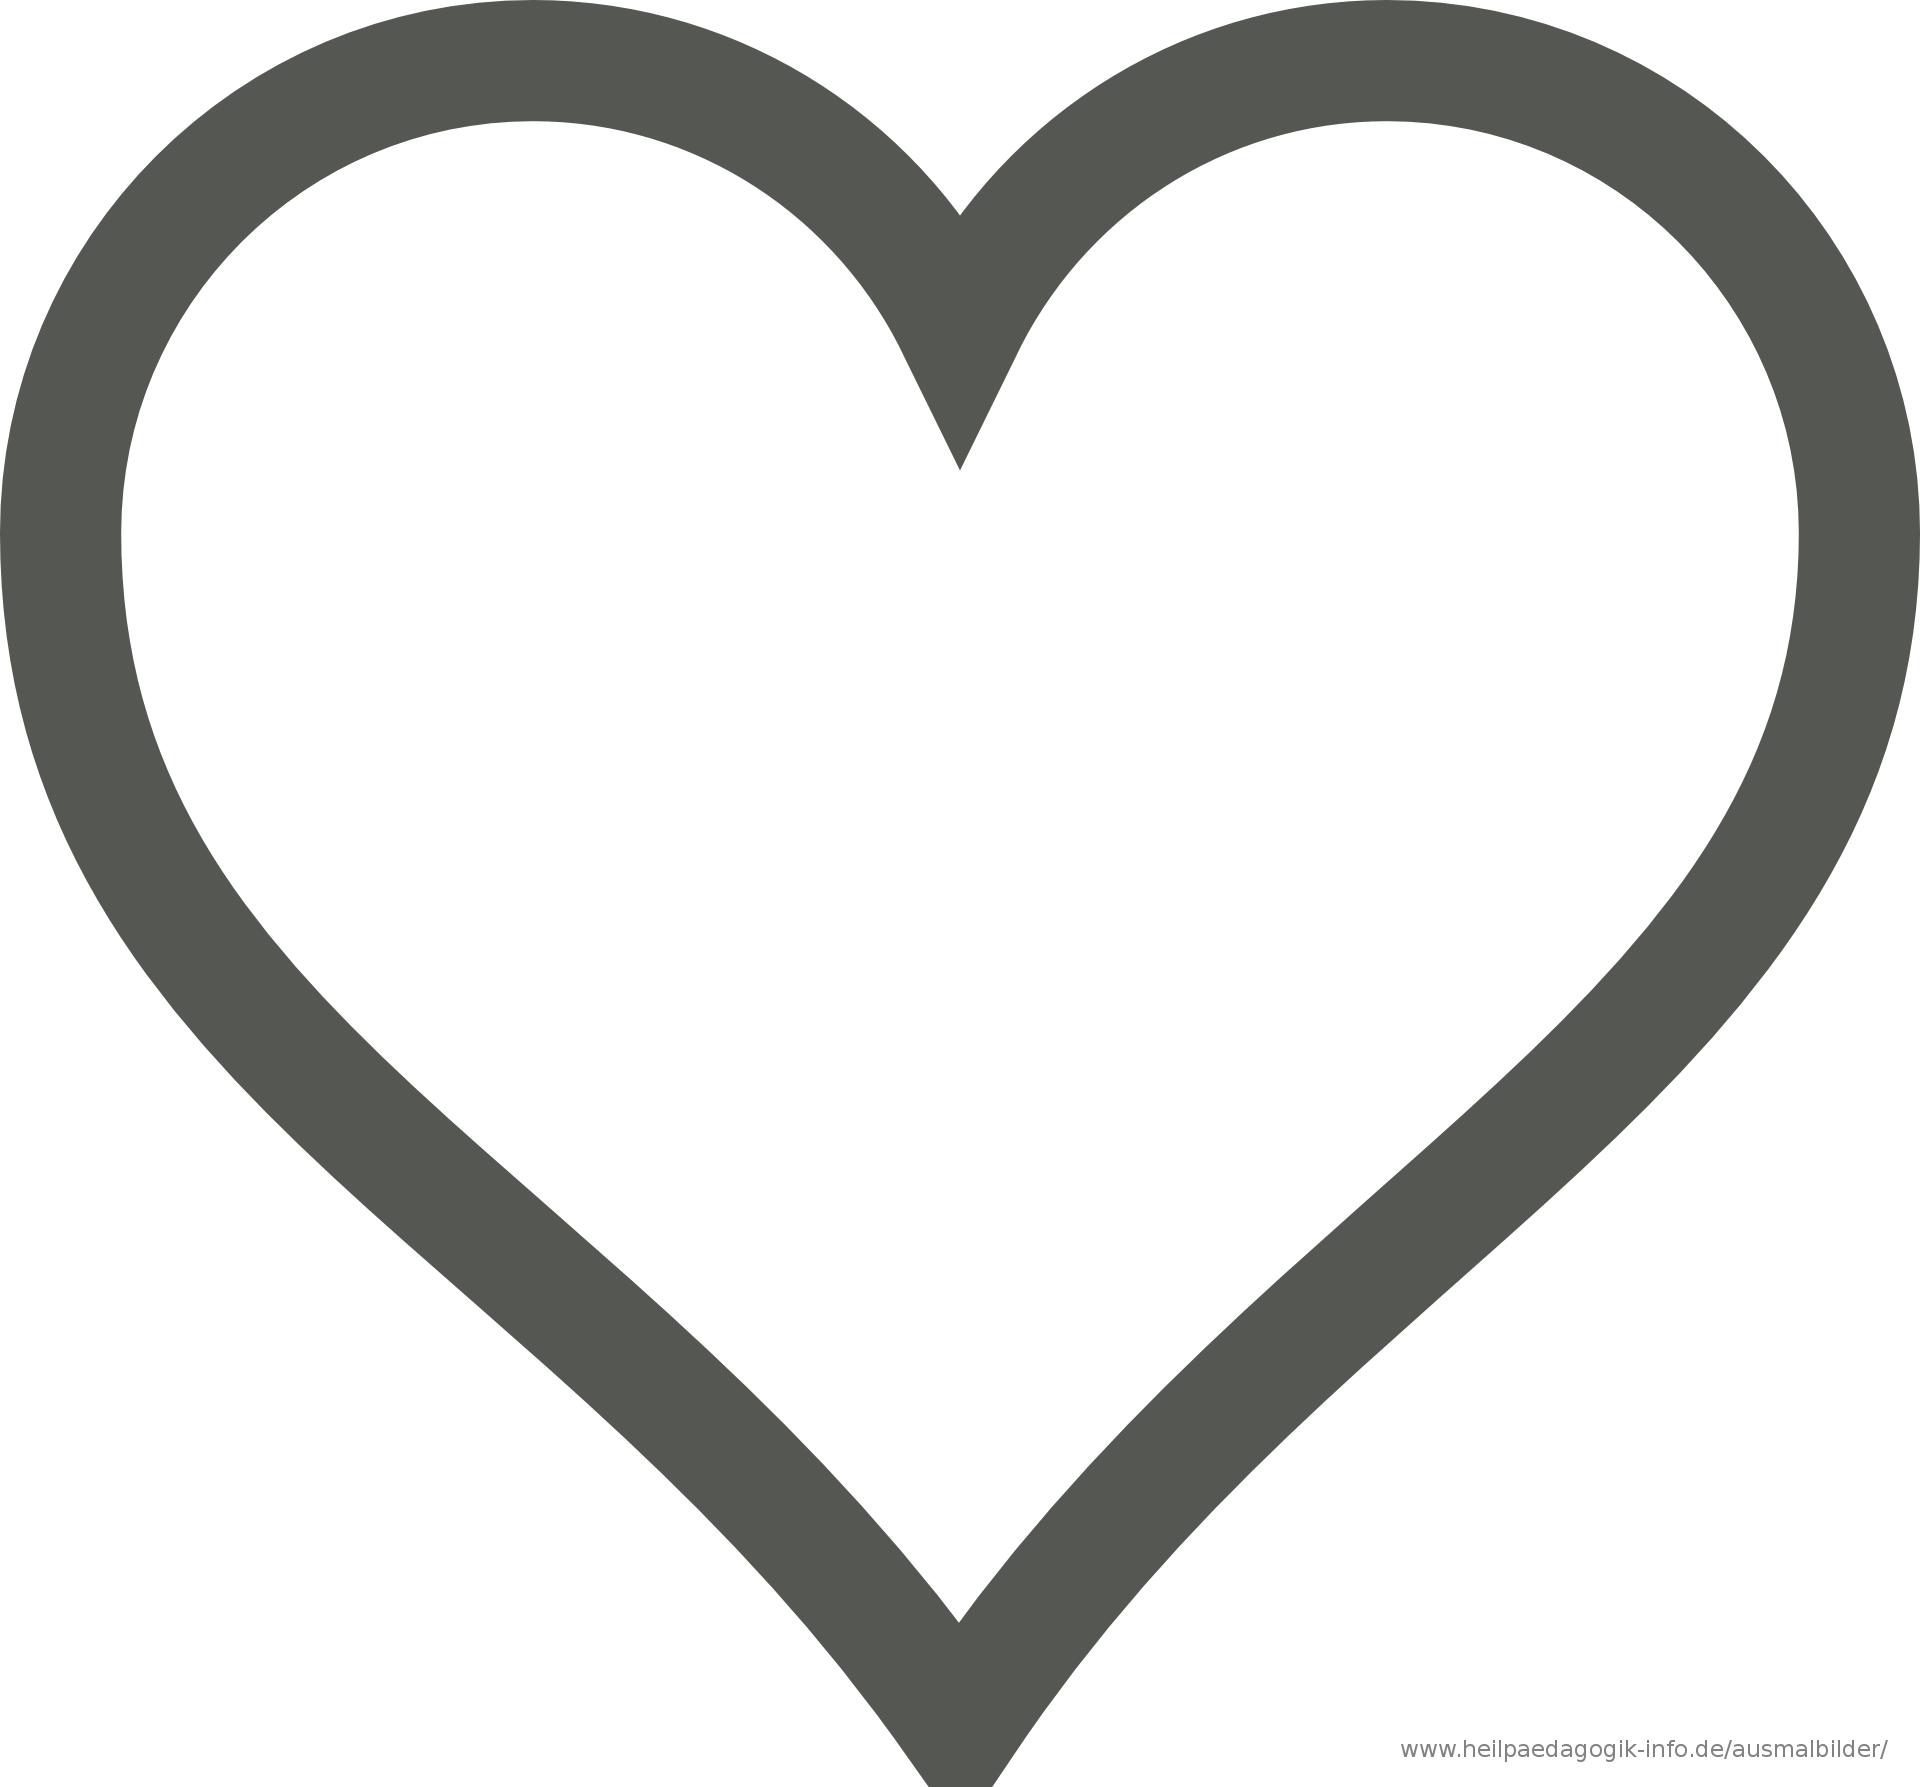 Ausmalbilder Zum Ausdrucken Din A4 Http Www Ausmalbilder Co Ausmalbilder Zum Ausdrucken Din A4 Herz Vorlage Herz Ausmalbild Ausdrucken